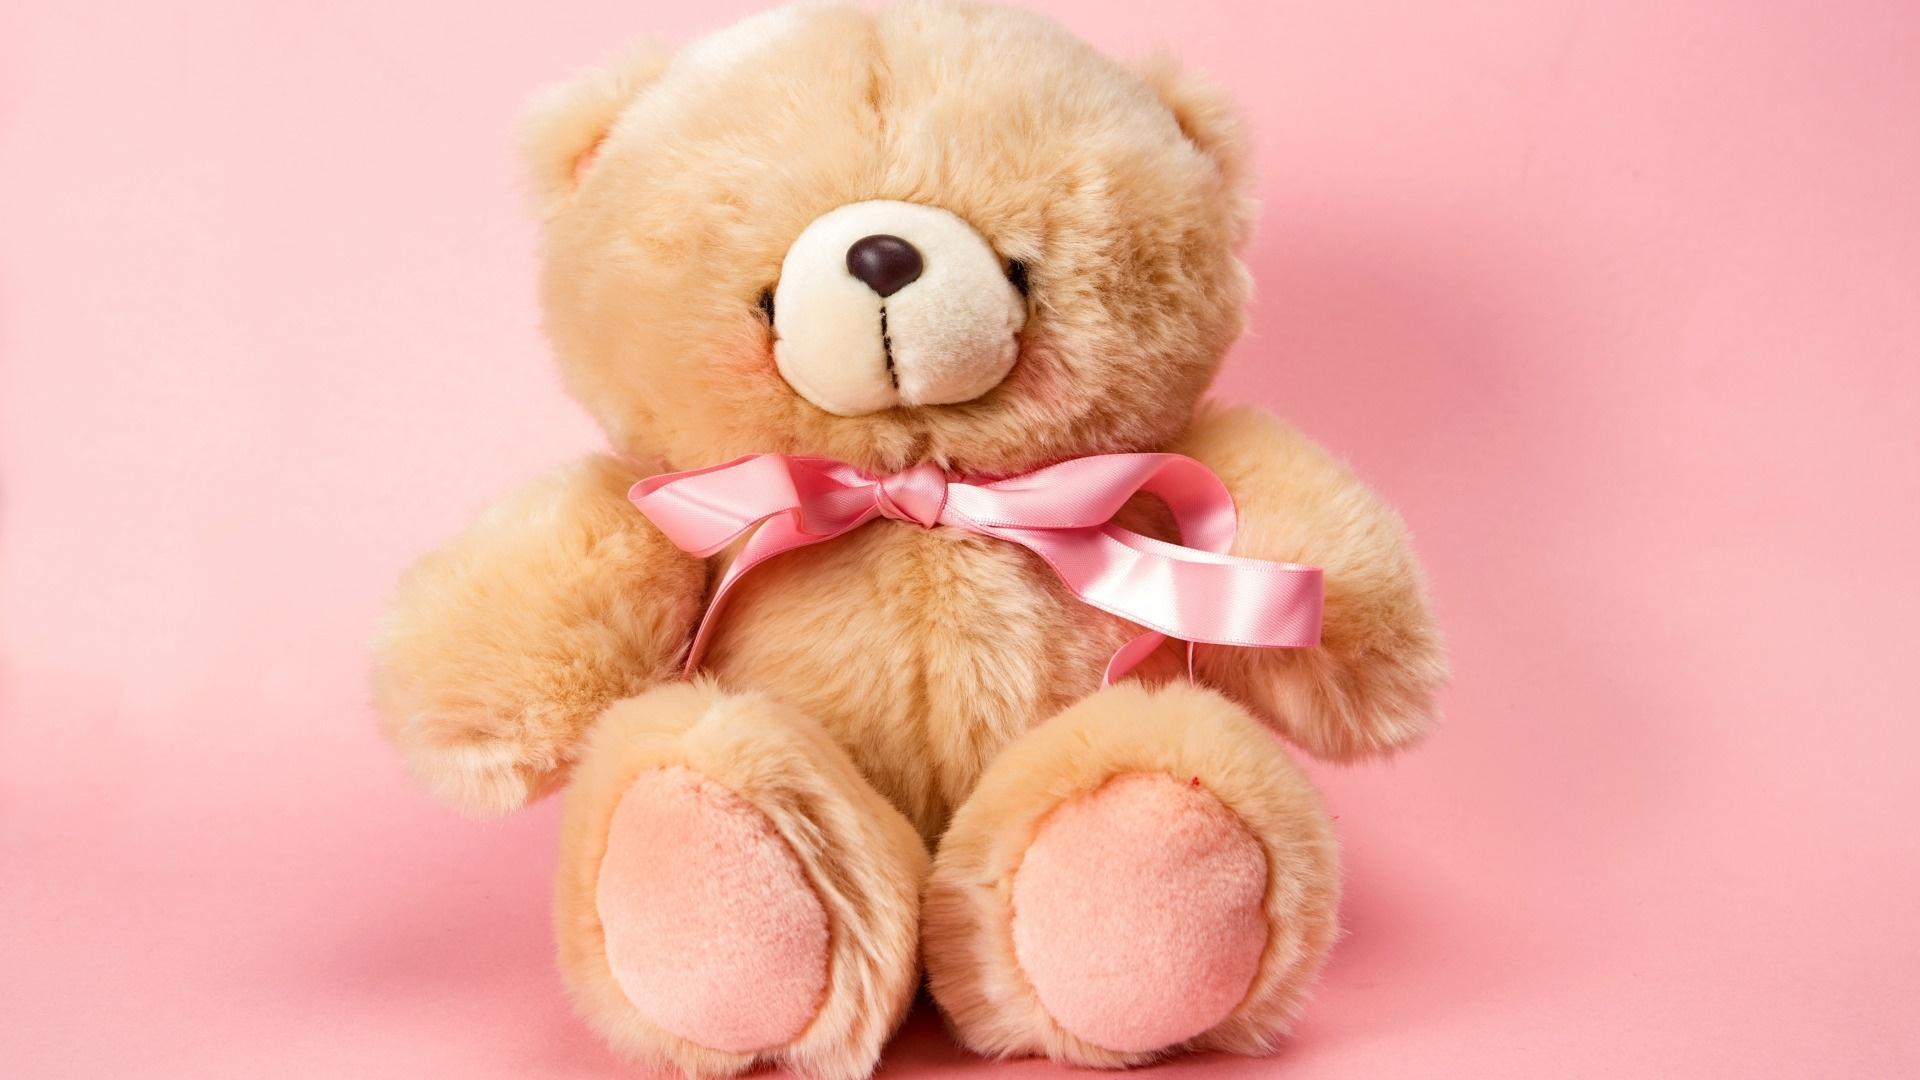 Teddy Bear Wallpaper Picture hd